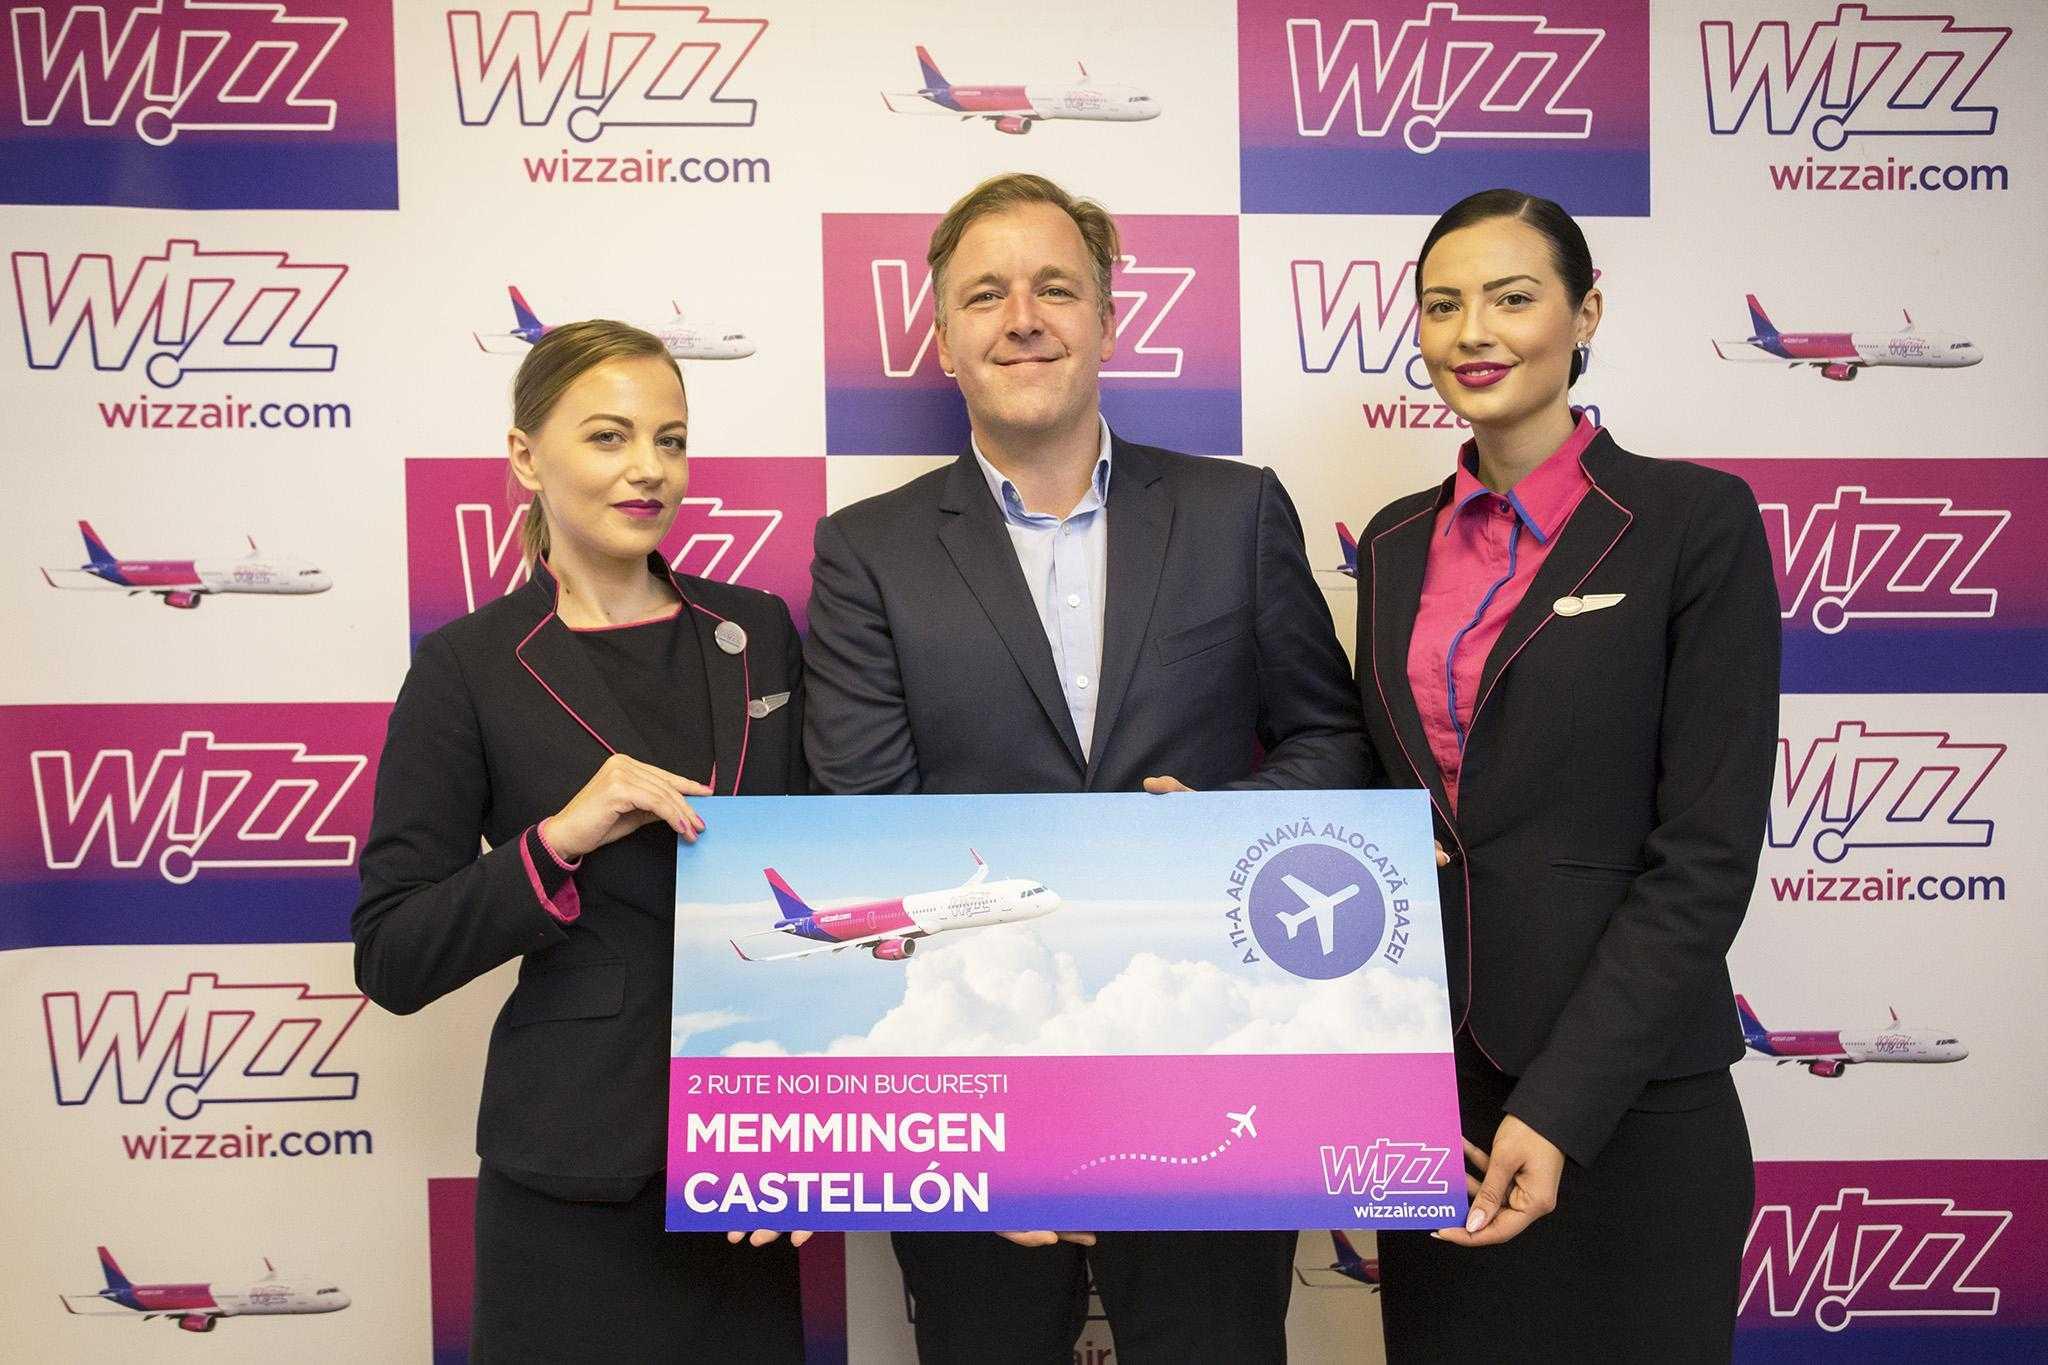 wizz-air-bucuresti-2-rute-noi.jpg